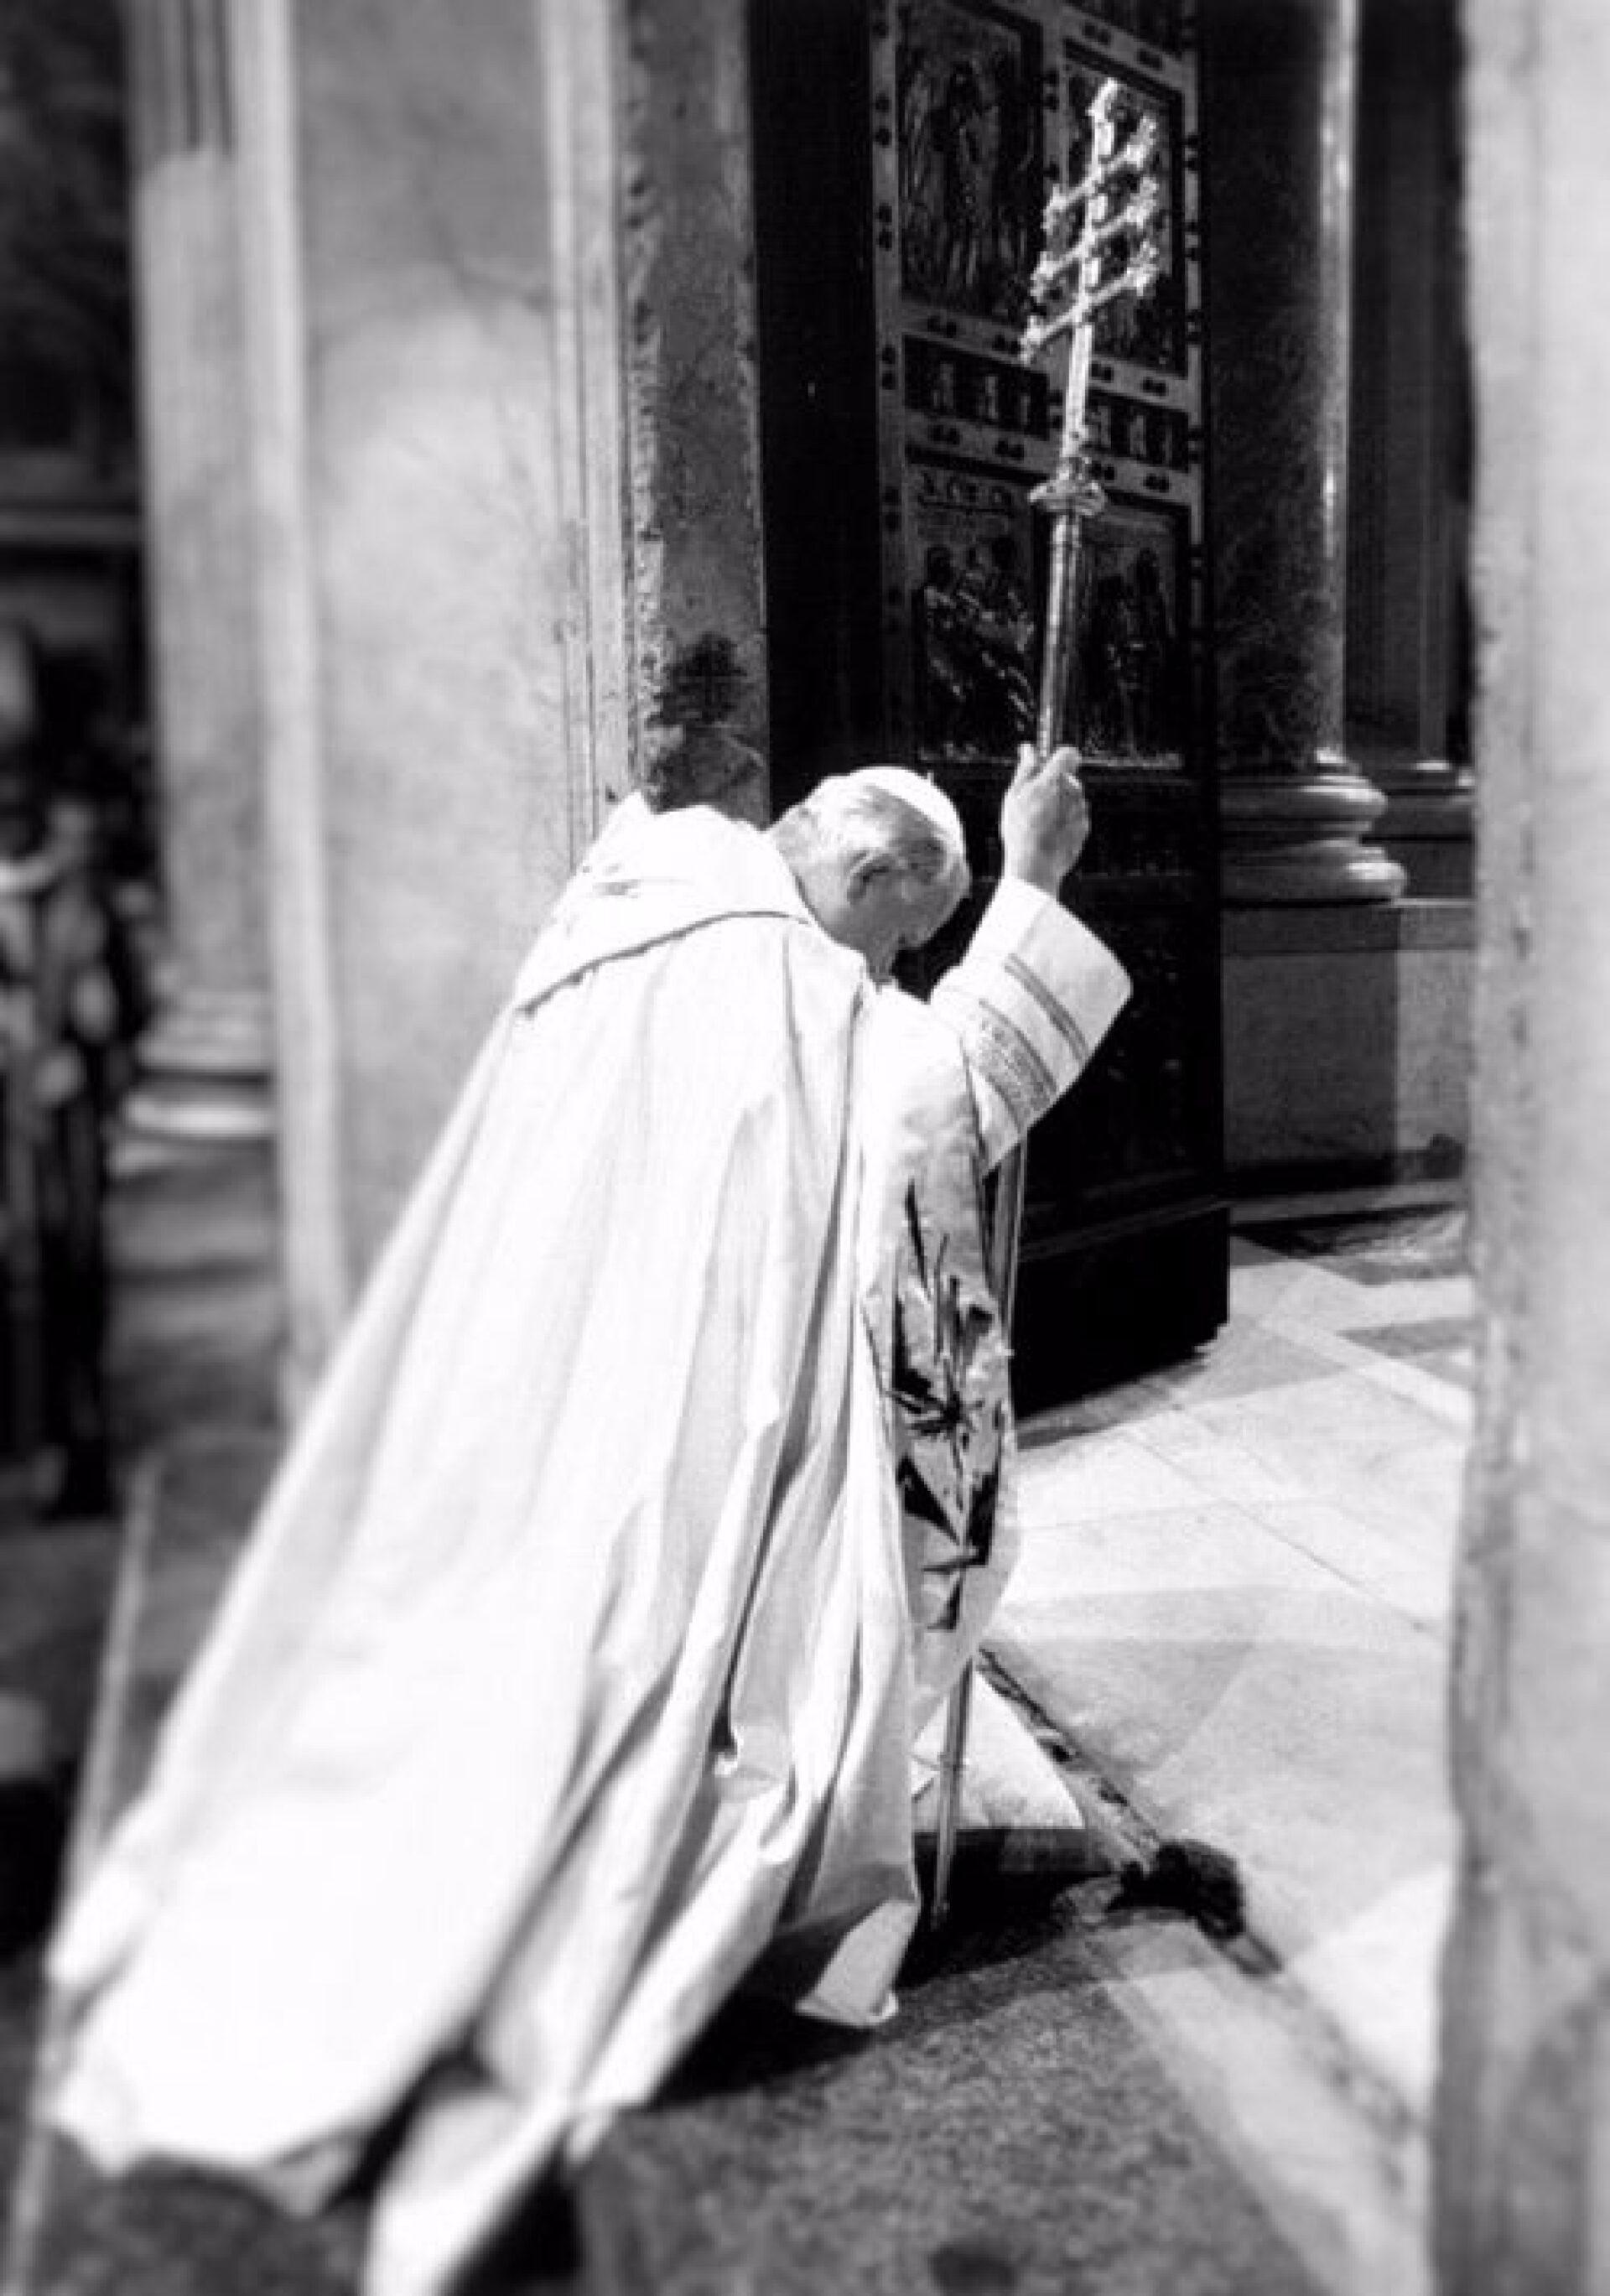 Ченстохова 91 или как яизображал католика